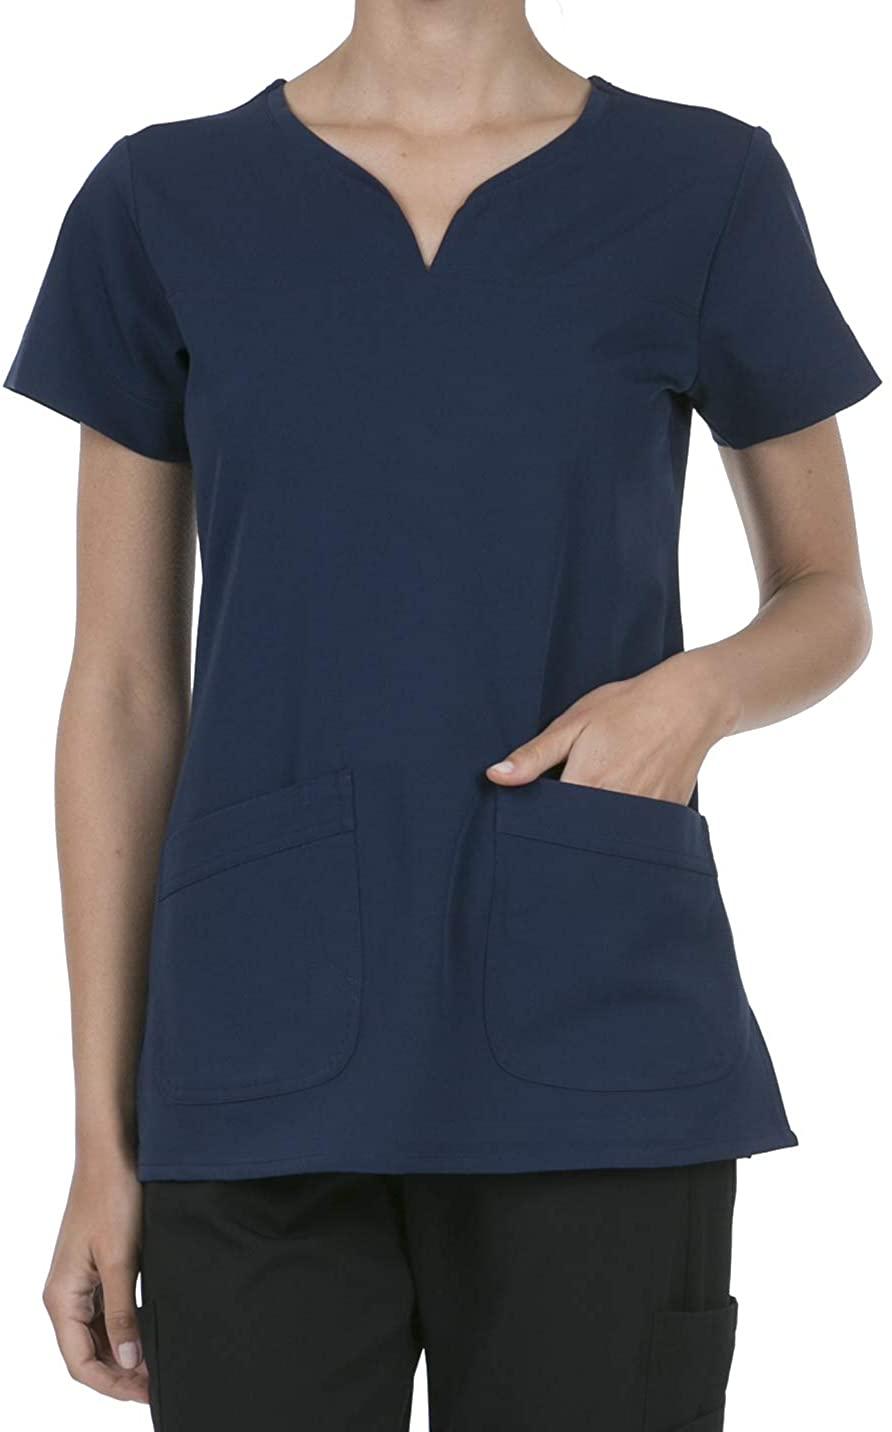 8045 Women's Uniform Scrubs Medical 2 Pocket Scrub Top Navy XXS